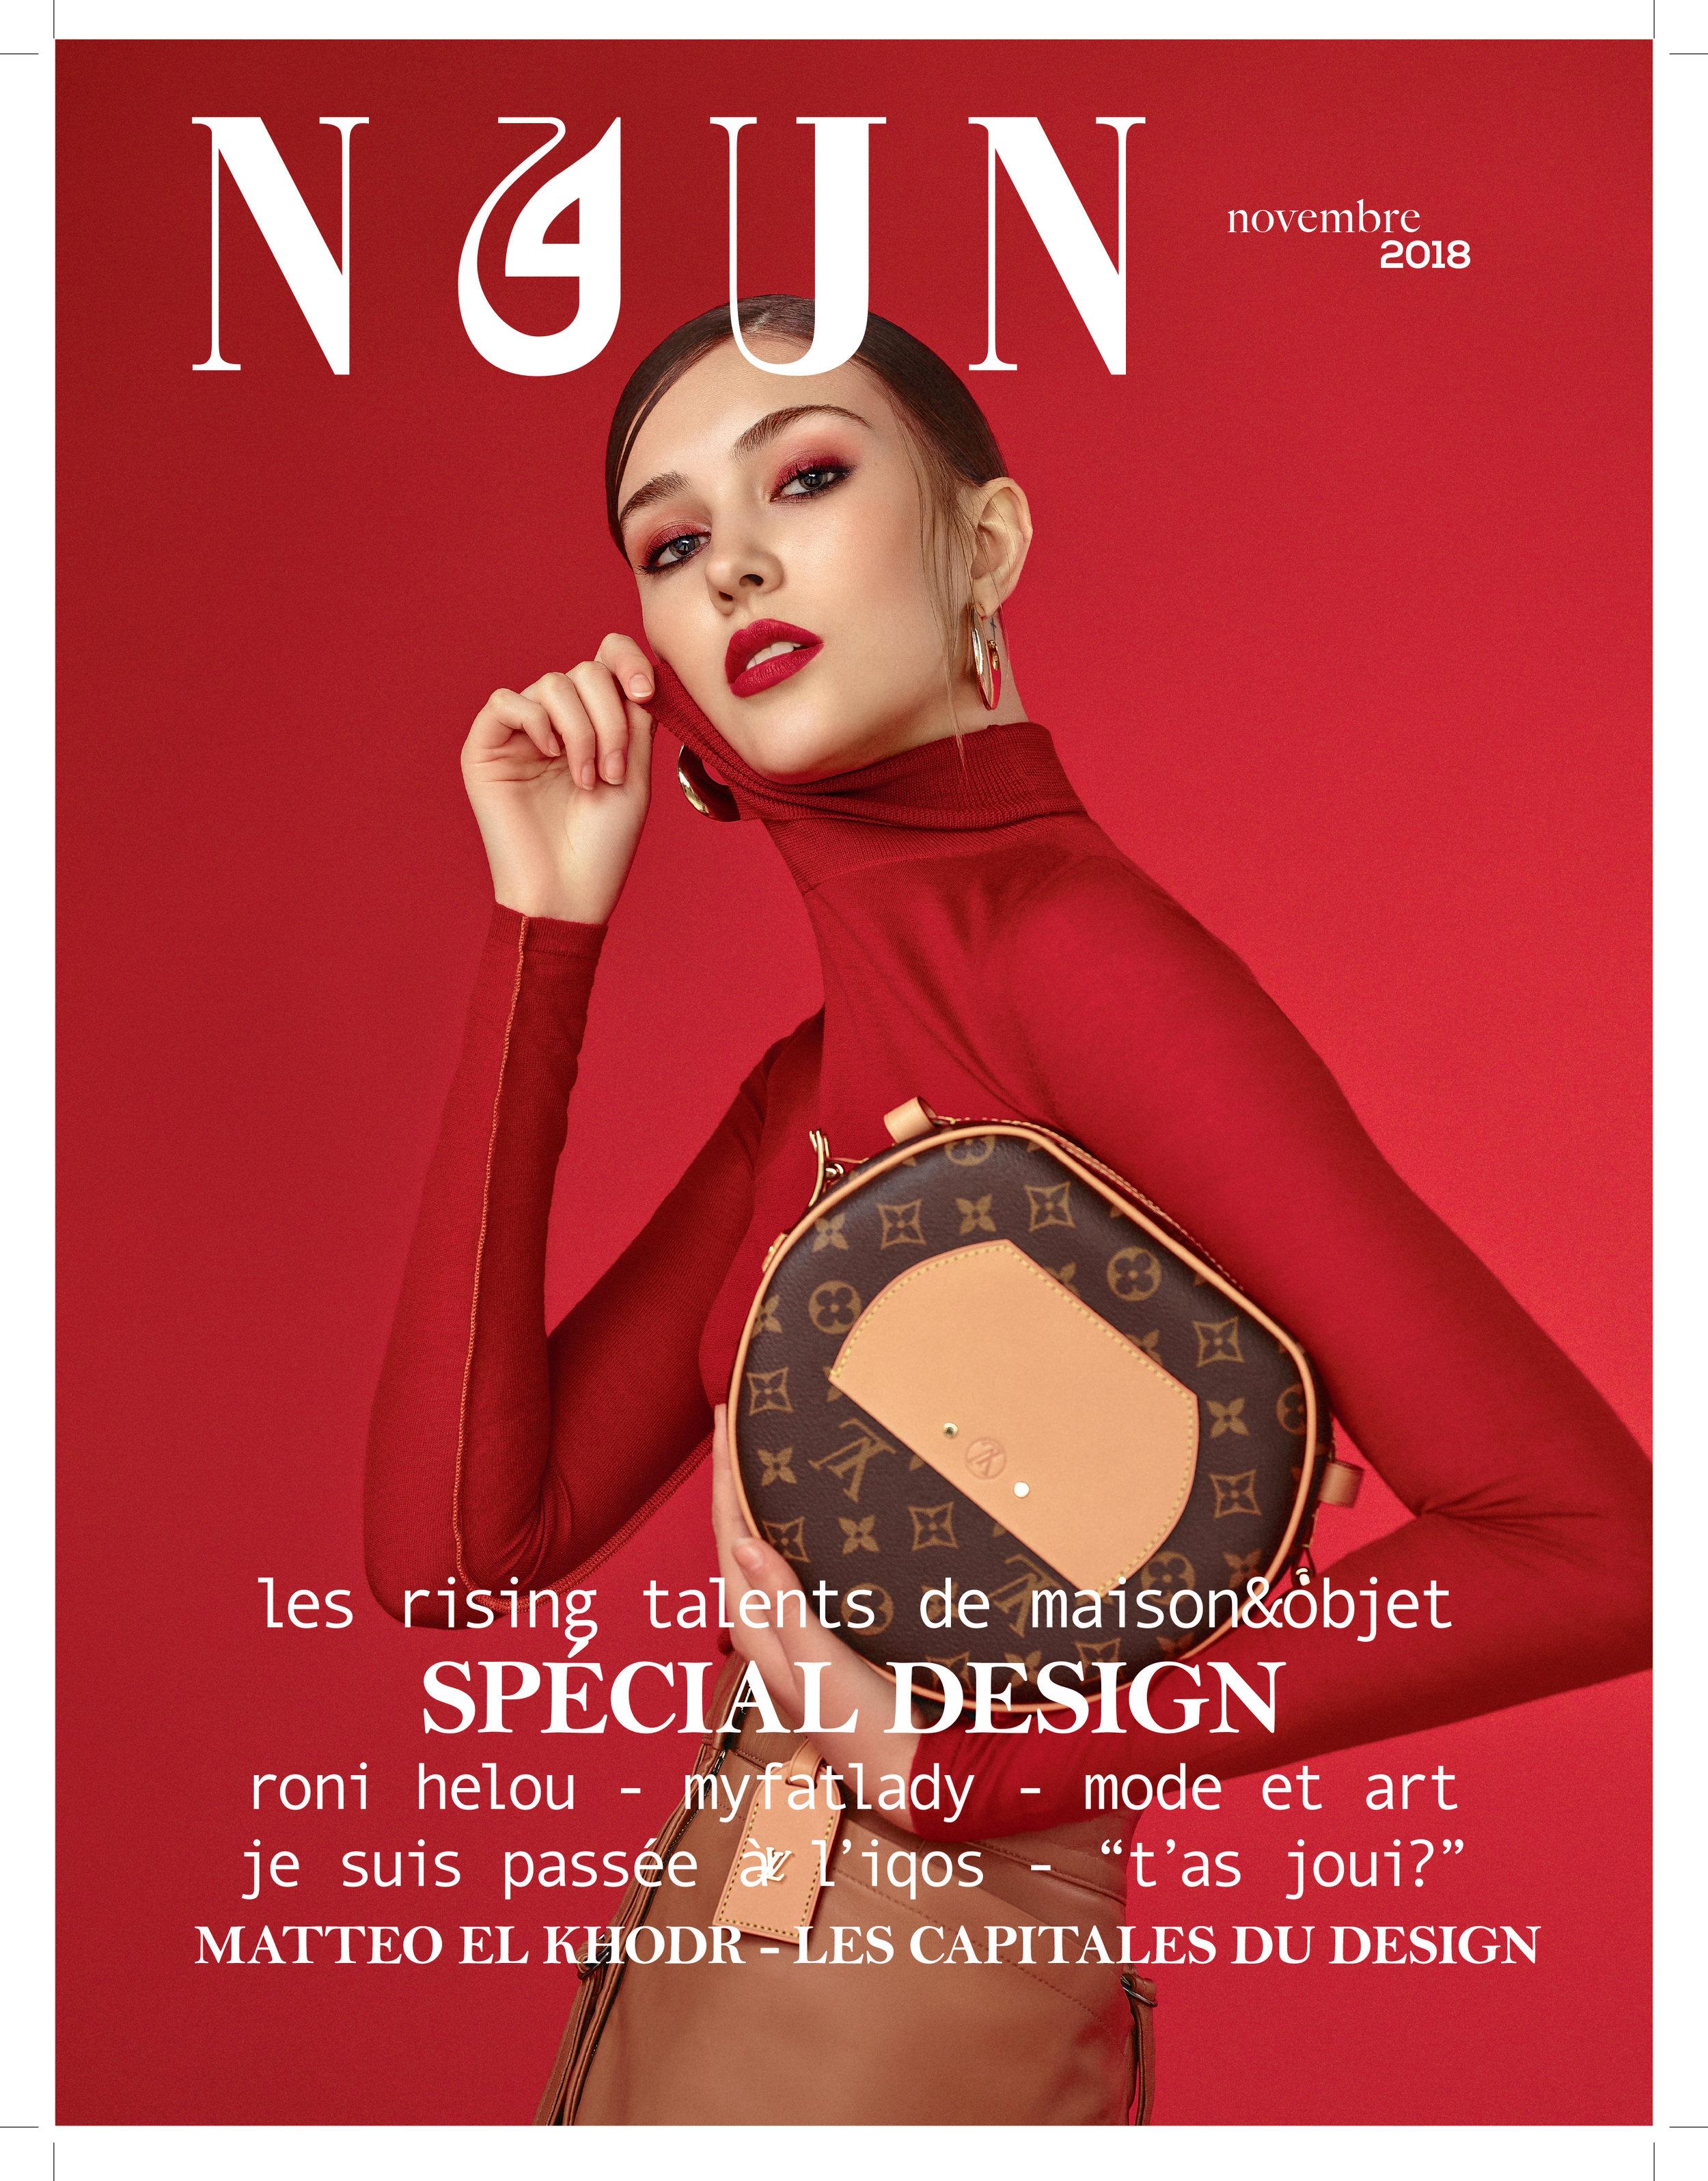 noun_rising talents_Paola Sakr